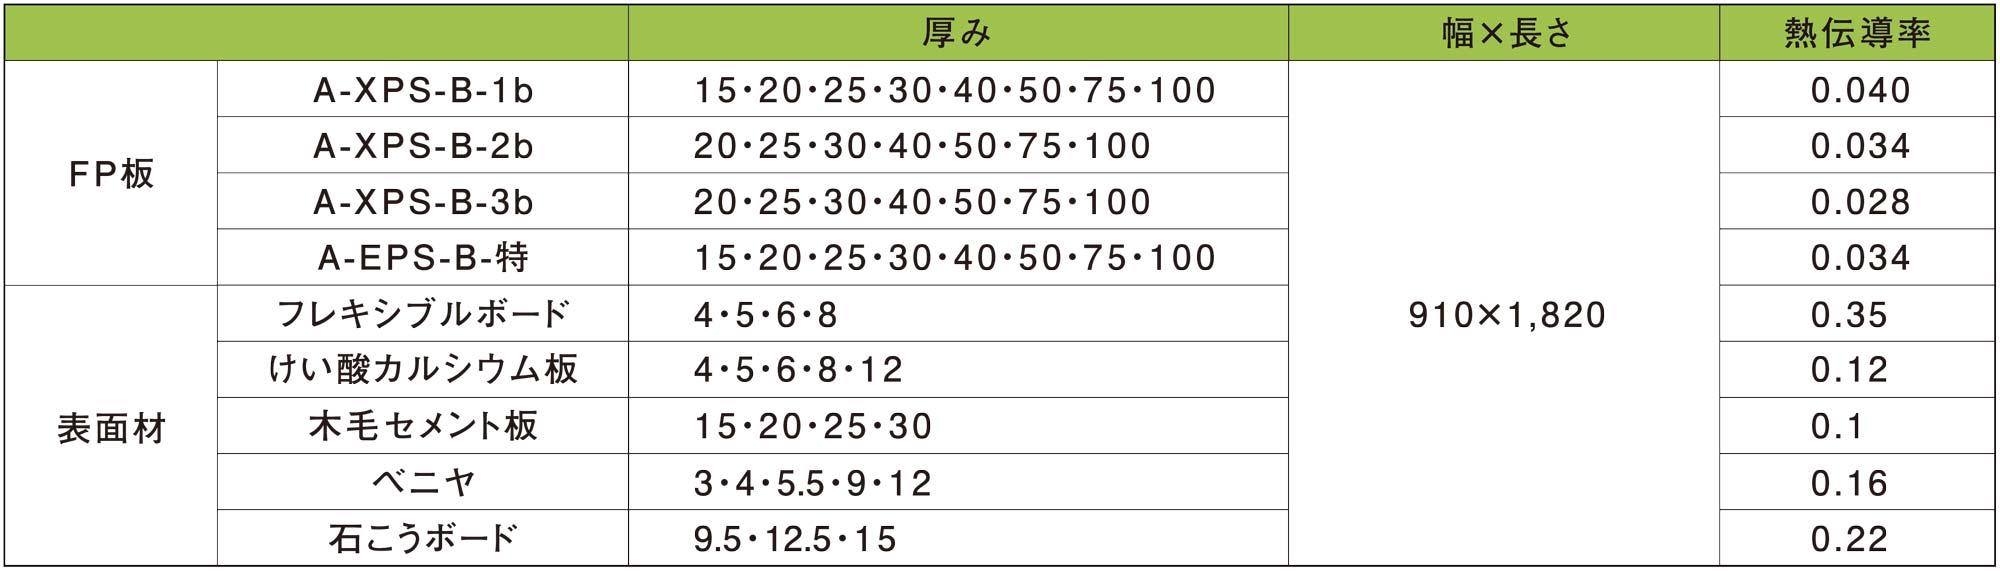 プレスパネル規格表